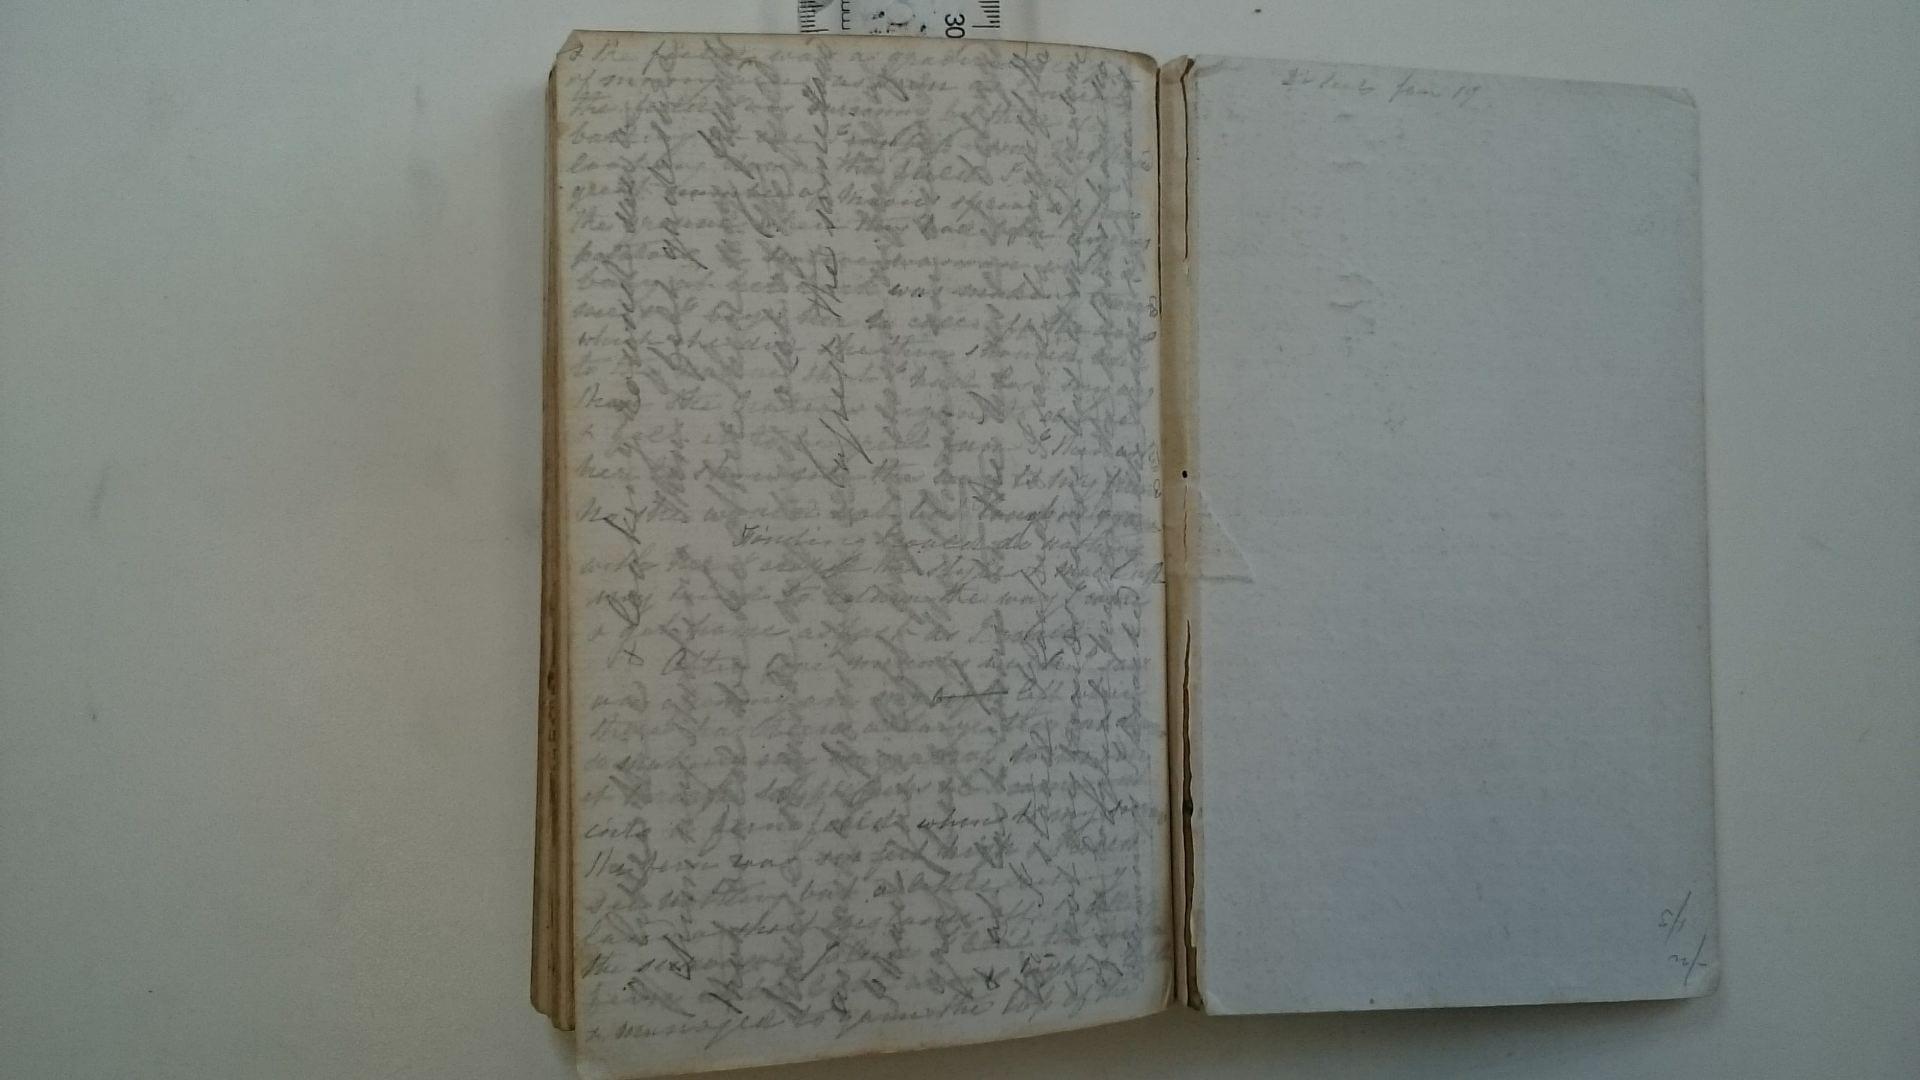 Crosswritten page written by Sarah Harris